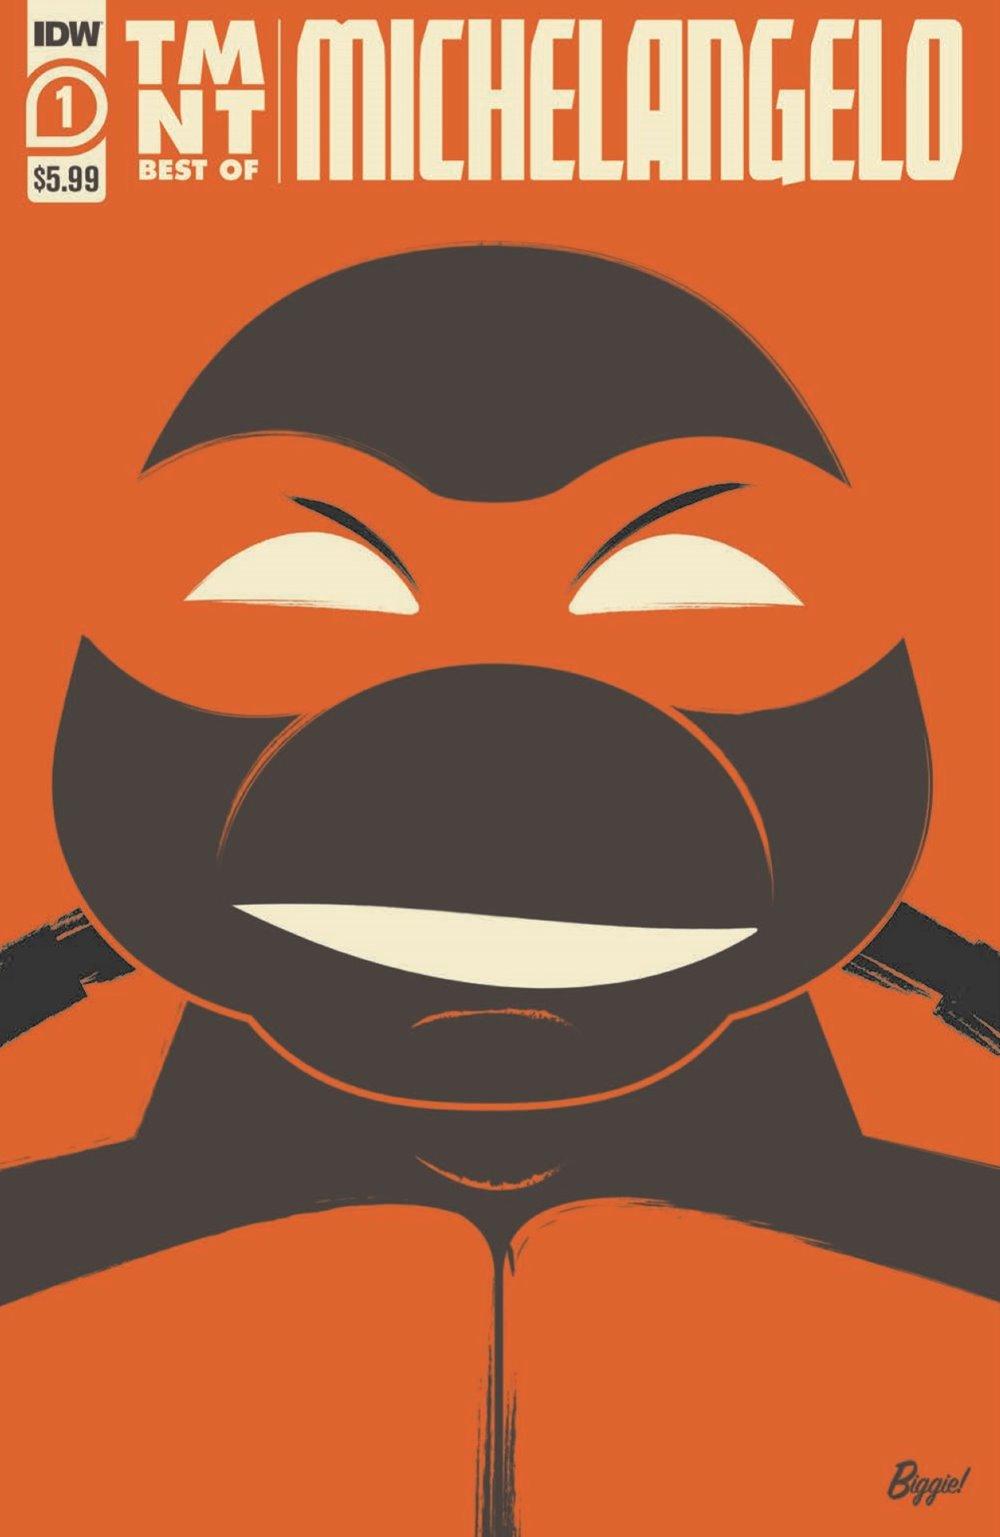 TMNT-Bestof-Mike_pr-1 ComicList Previews: TEENAGE MUTANT NINJA TURTLES BEST OF MICHELANGELO #1